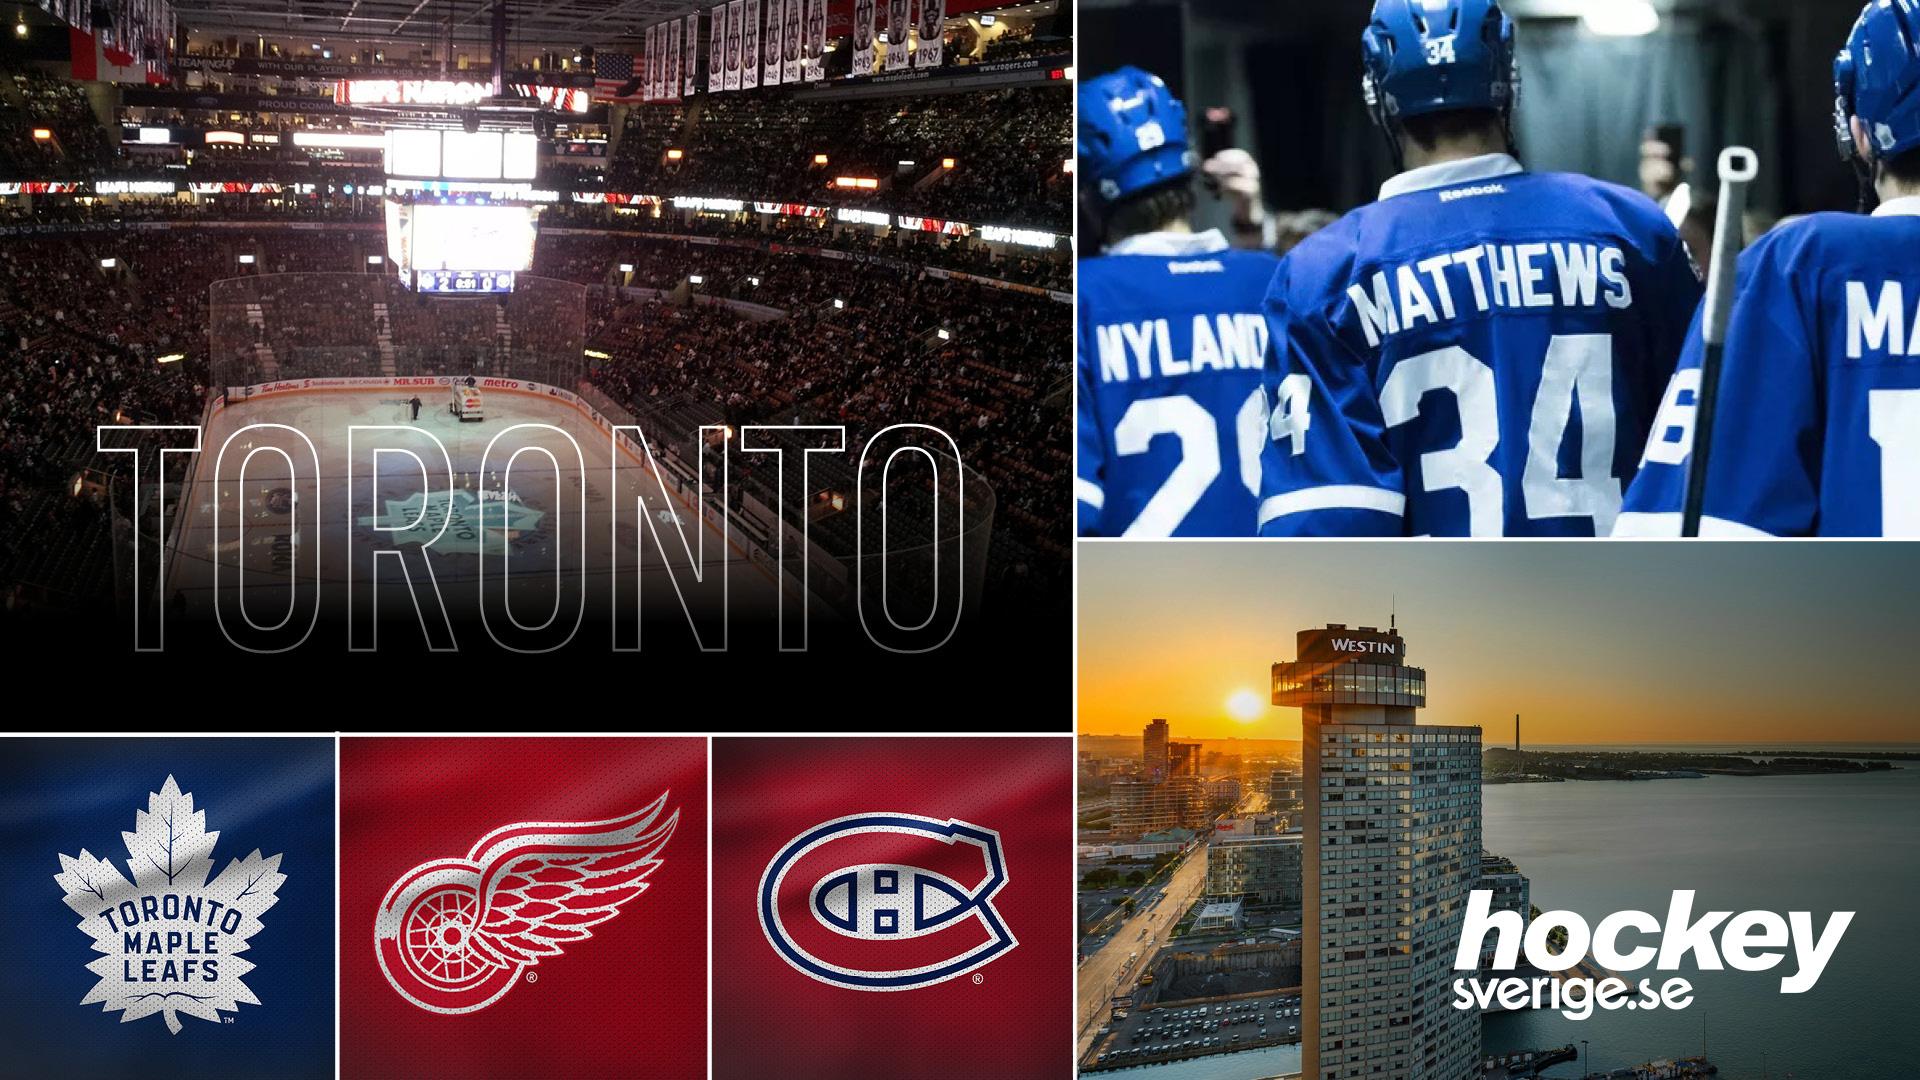 NHL-resa Toronto1-6 april 2020 - Magisk NHL-resa till Toronto med idel Original Six-klubbar. Maple Leafs mot Red Wings och rivalerna Montreal. Dessutom ingår en heldagsutflykt till Niagarafallen och vinprovning.